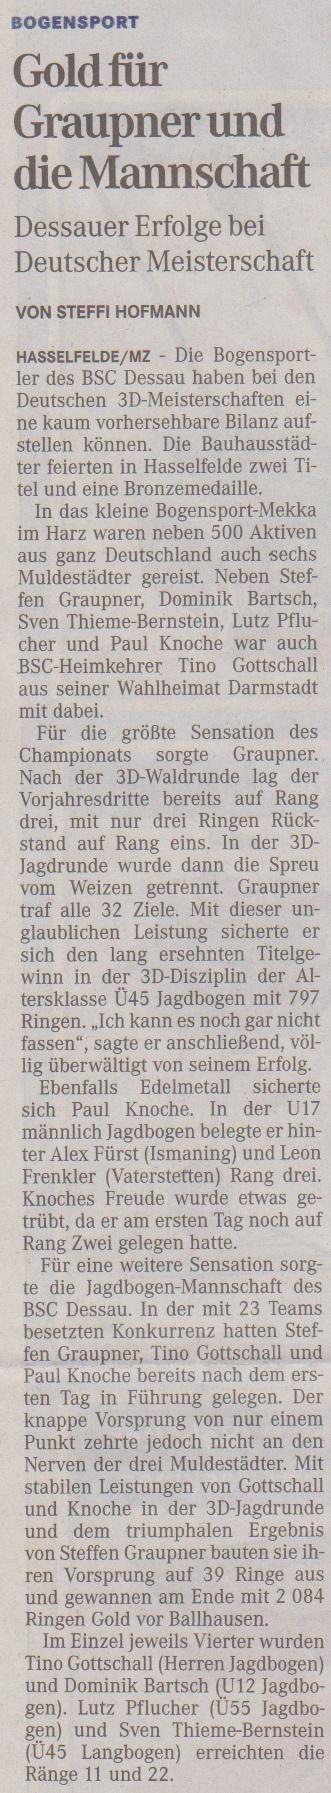 Deutsche Meisterschaft 3D – Mitteldeutsche Zeitung vom 14.08.2013